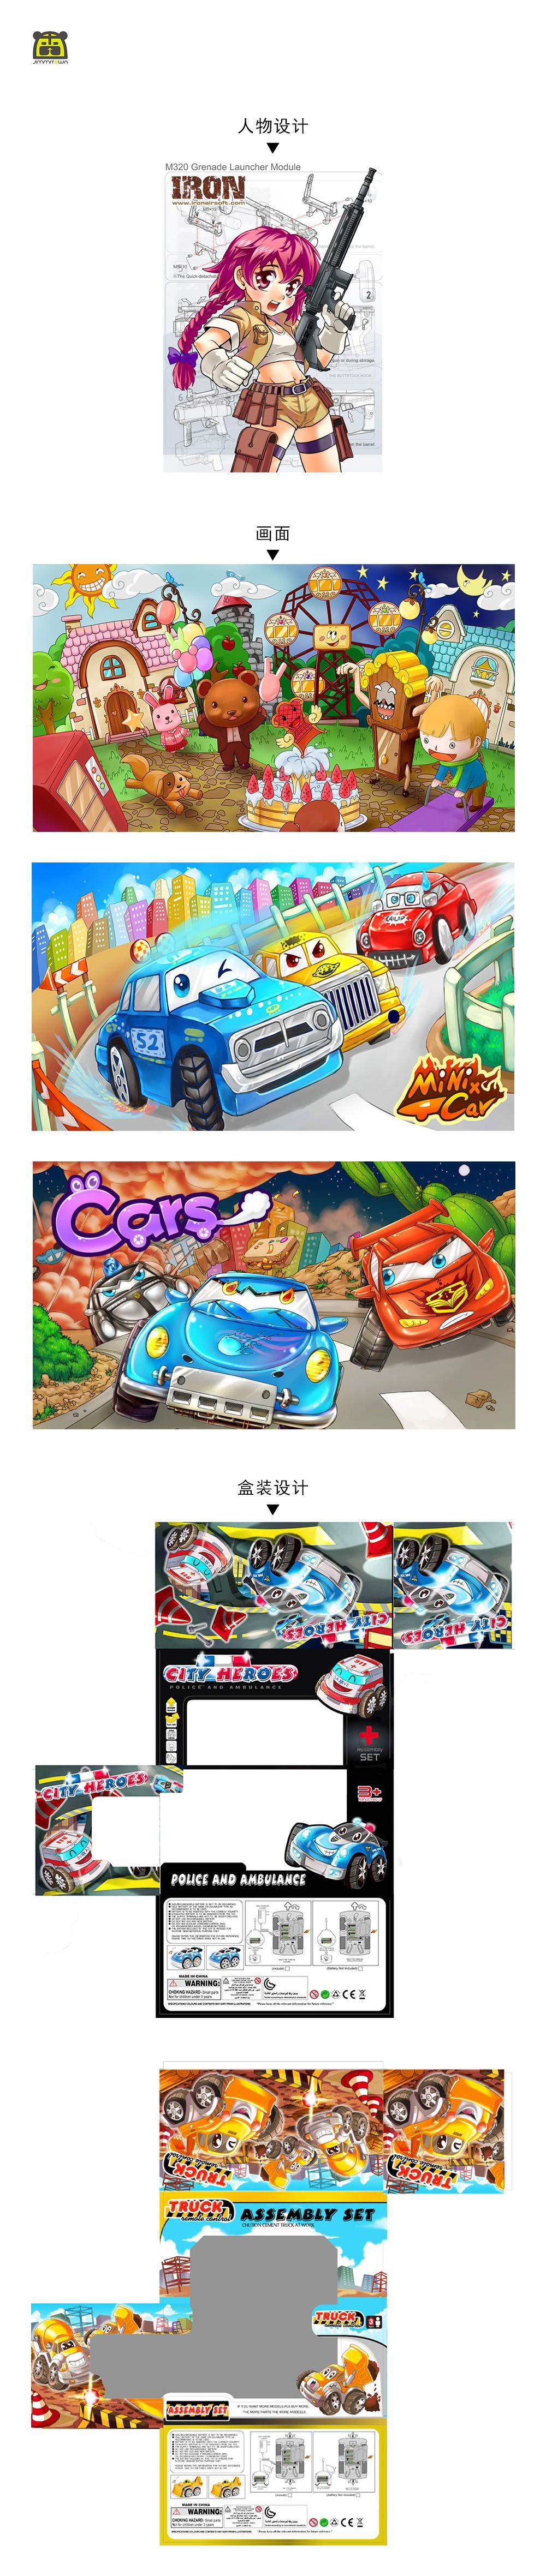 玩具车的包装设计